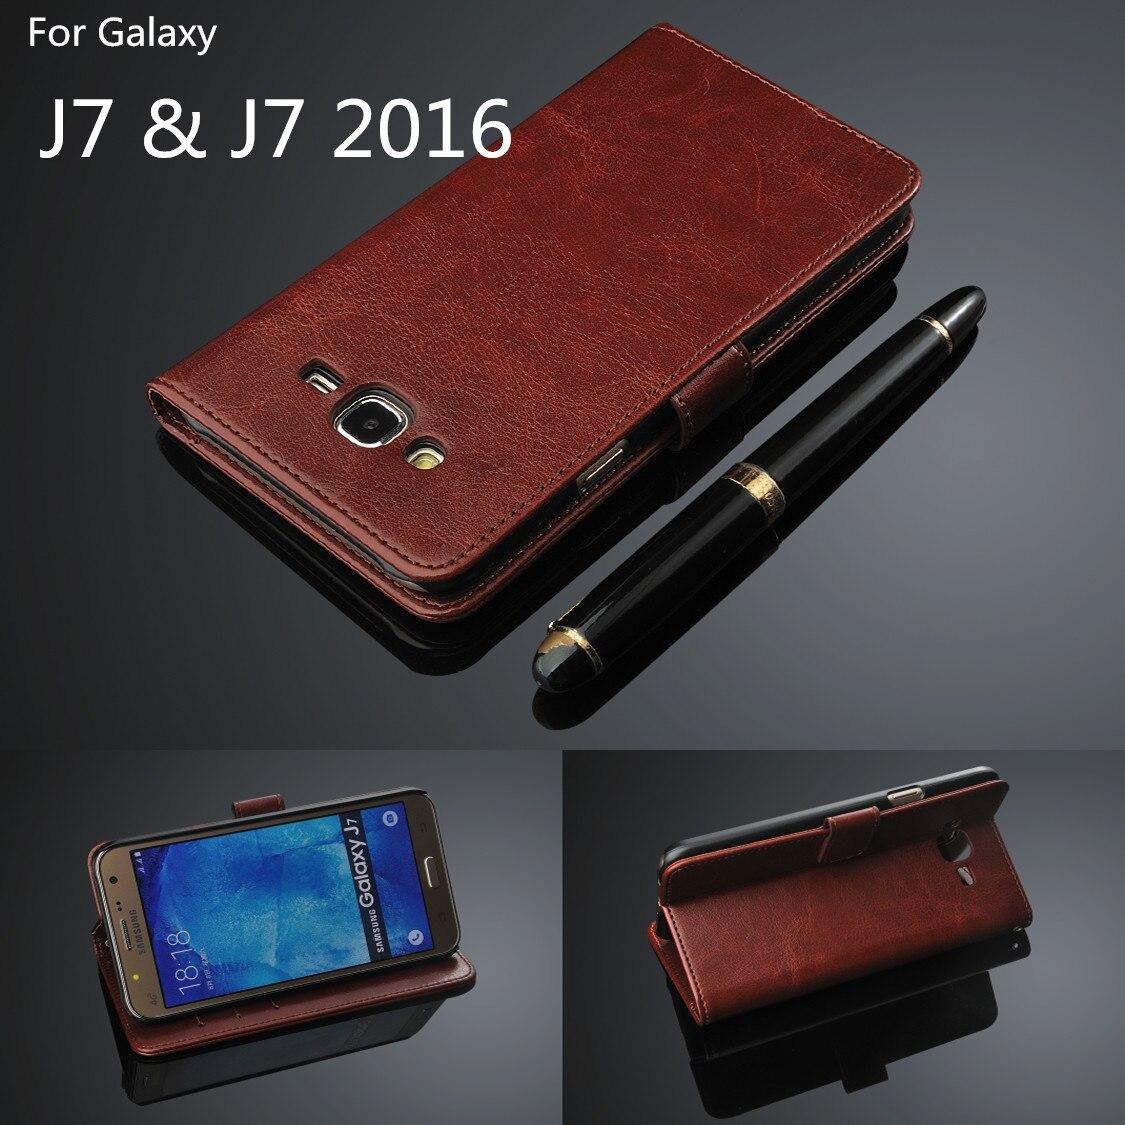 Porte-carte couverture étui pour samsung Galaxy J7 2016 J710F J710 cuir coque de téléphone portefeuille couverture rabattable pour Smasung Galaxy J7